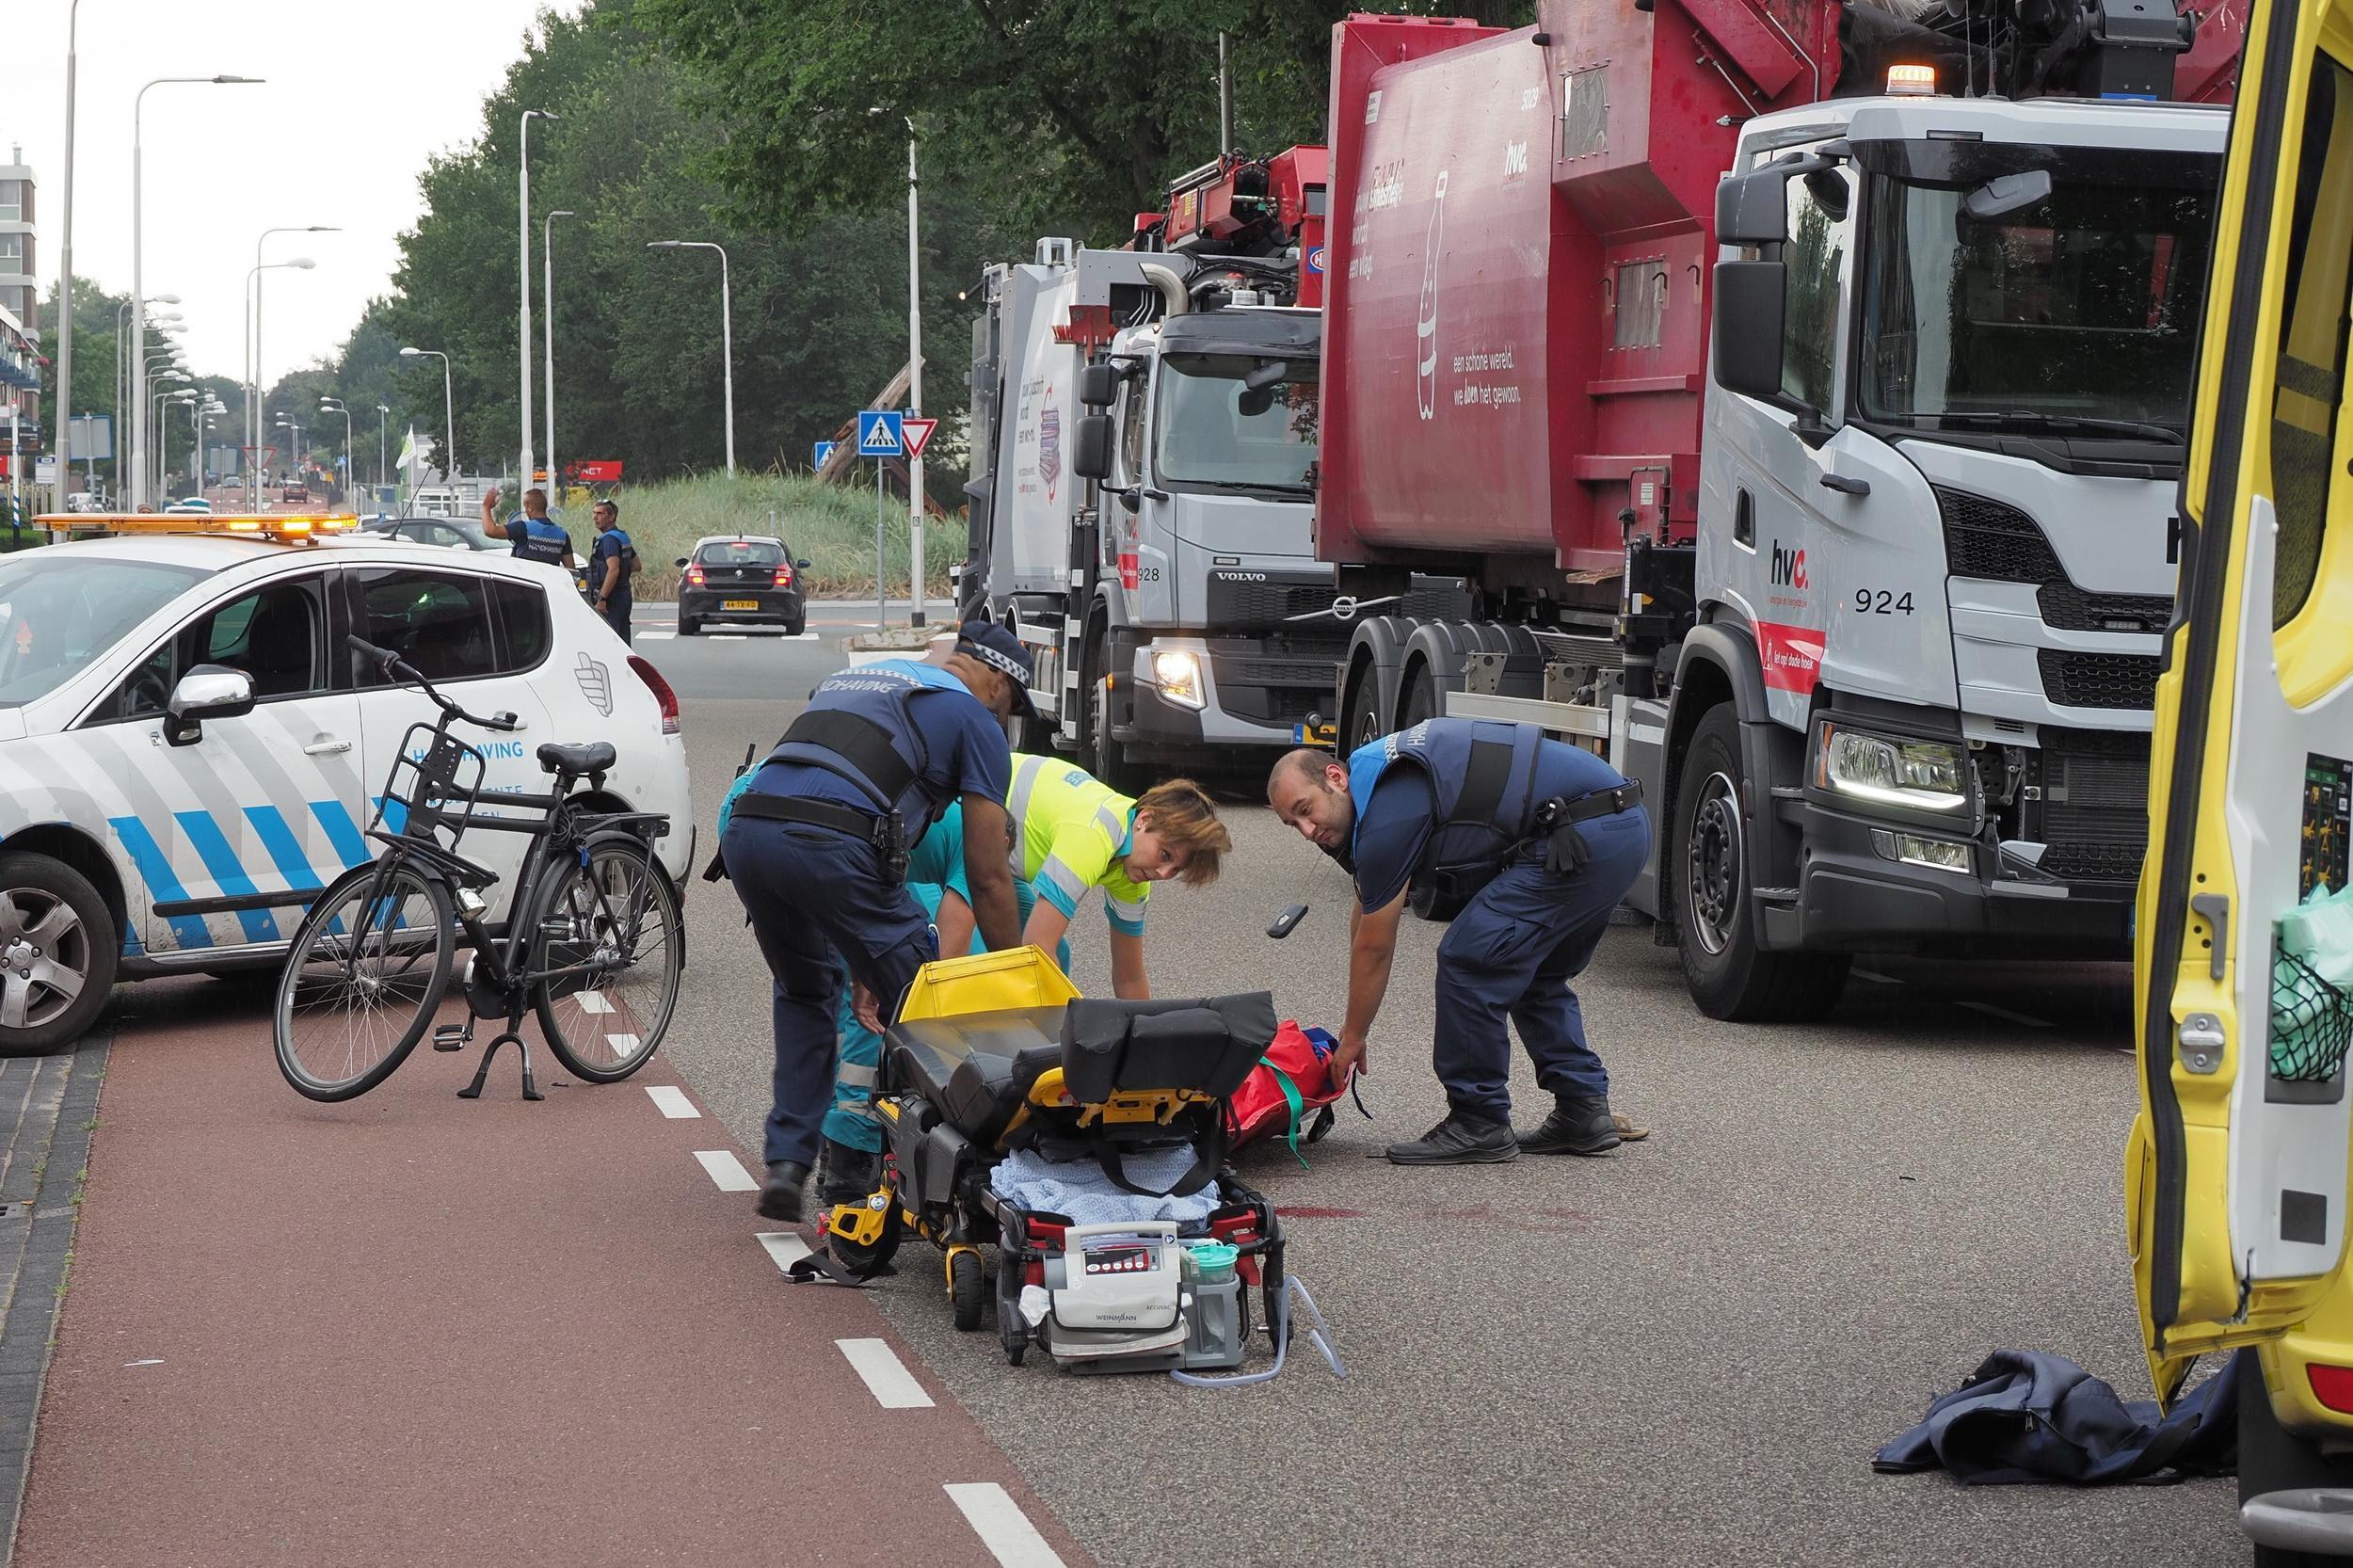 Fietser met spoed naar ziekenhuis na ongeval in IJmuiden